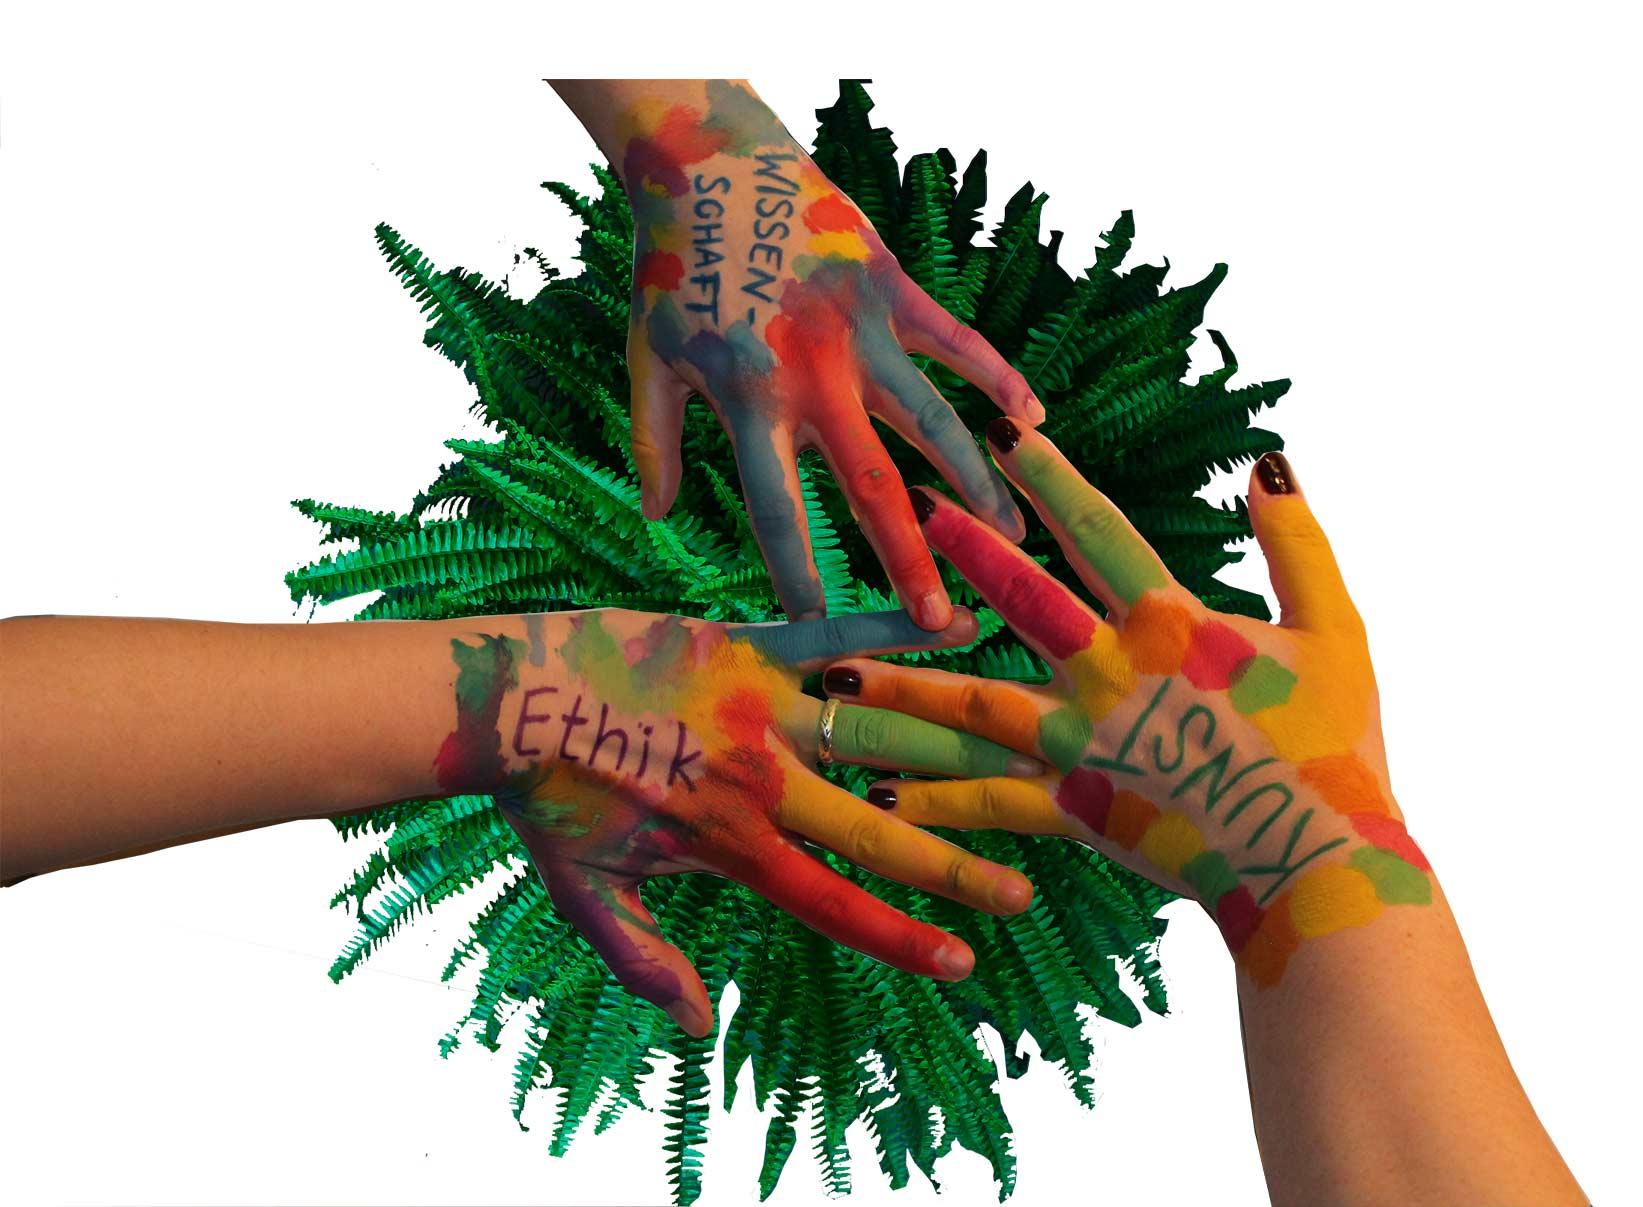 Bemalte Hände- Wir vereinen Wissenschaft Ethik und Kunst